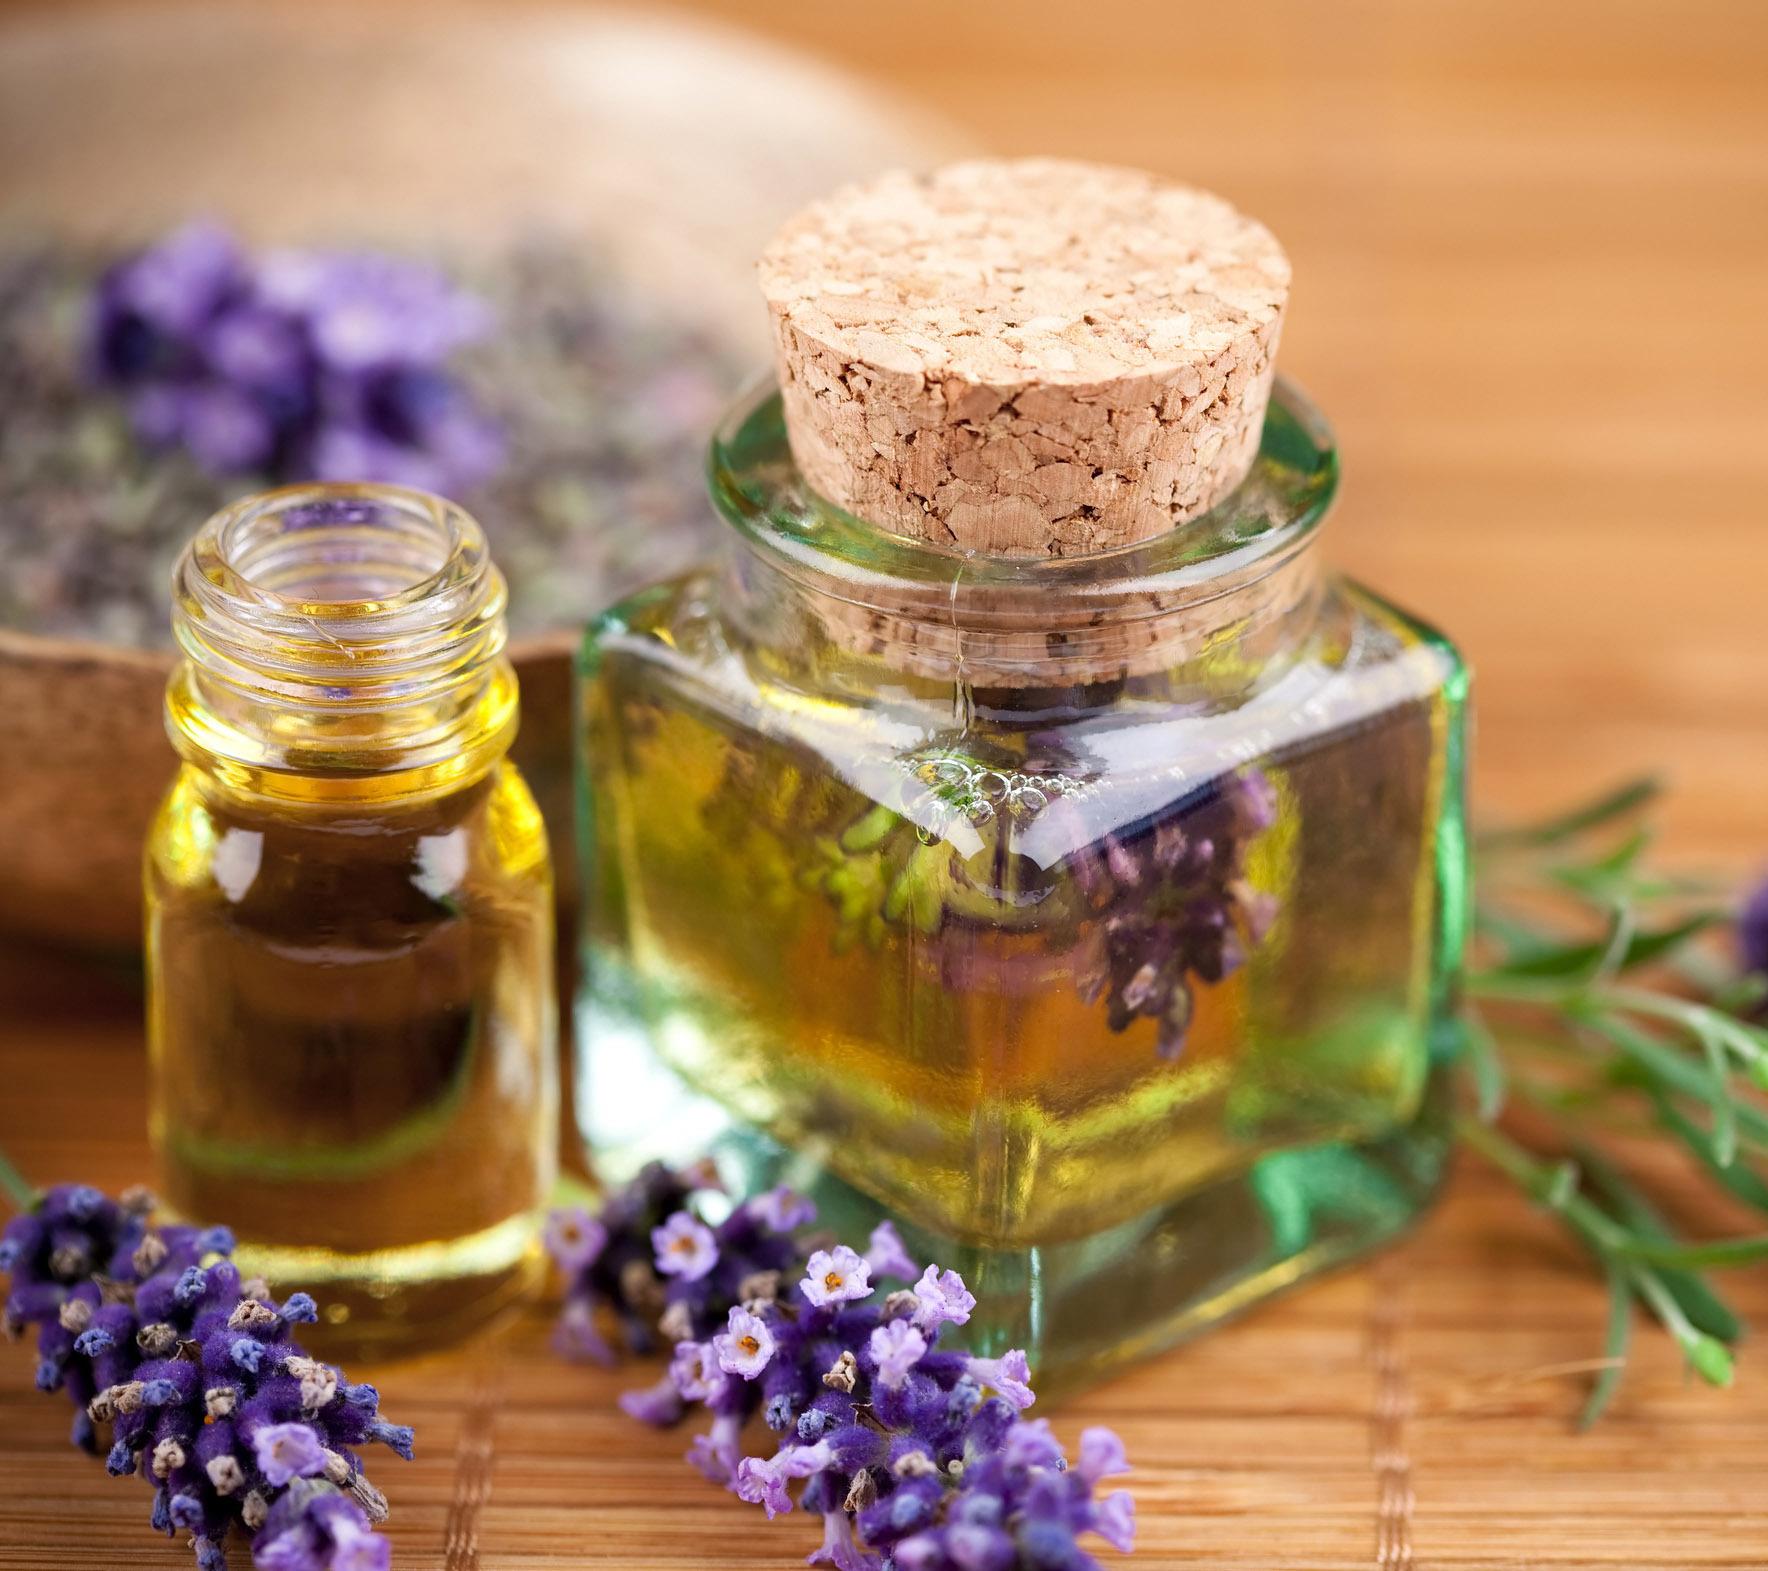 Как сделать эфирное масло в домашних условиях - Способы и рецепты 63